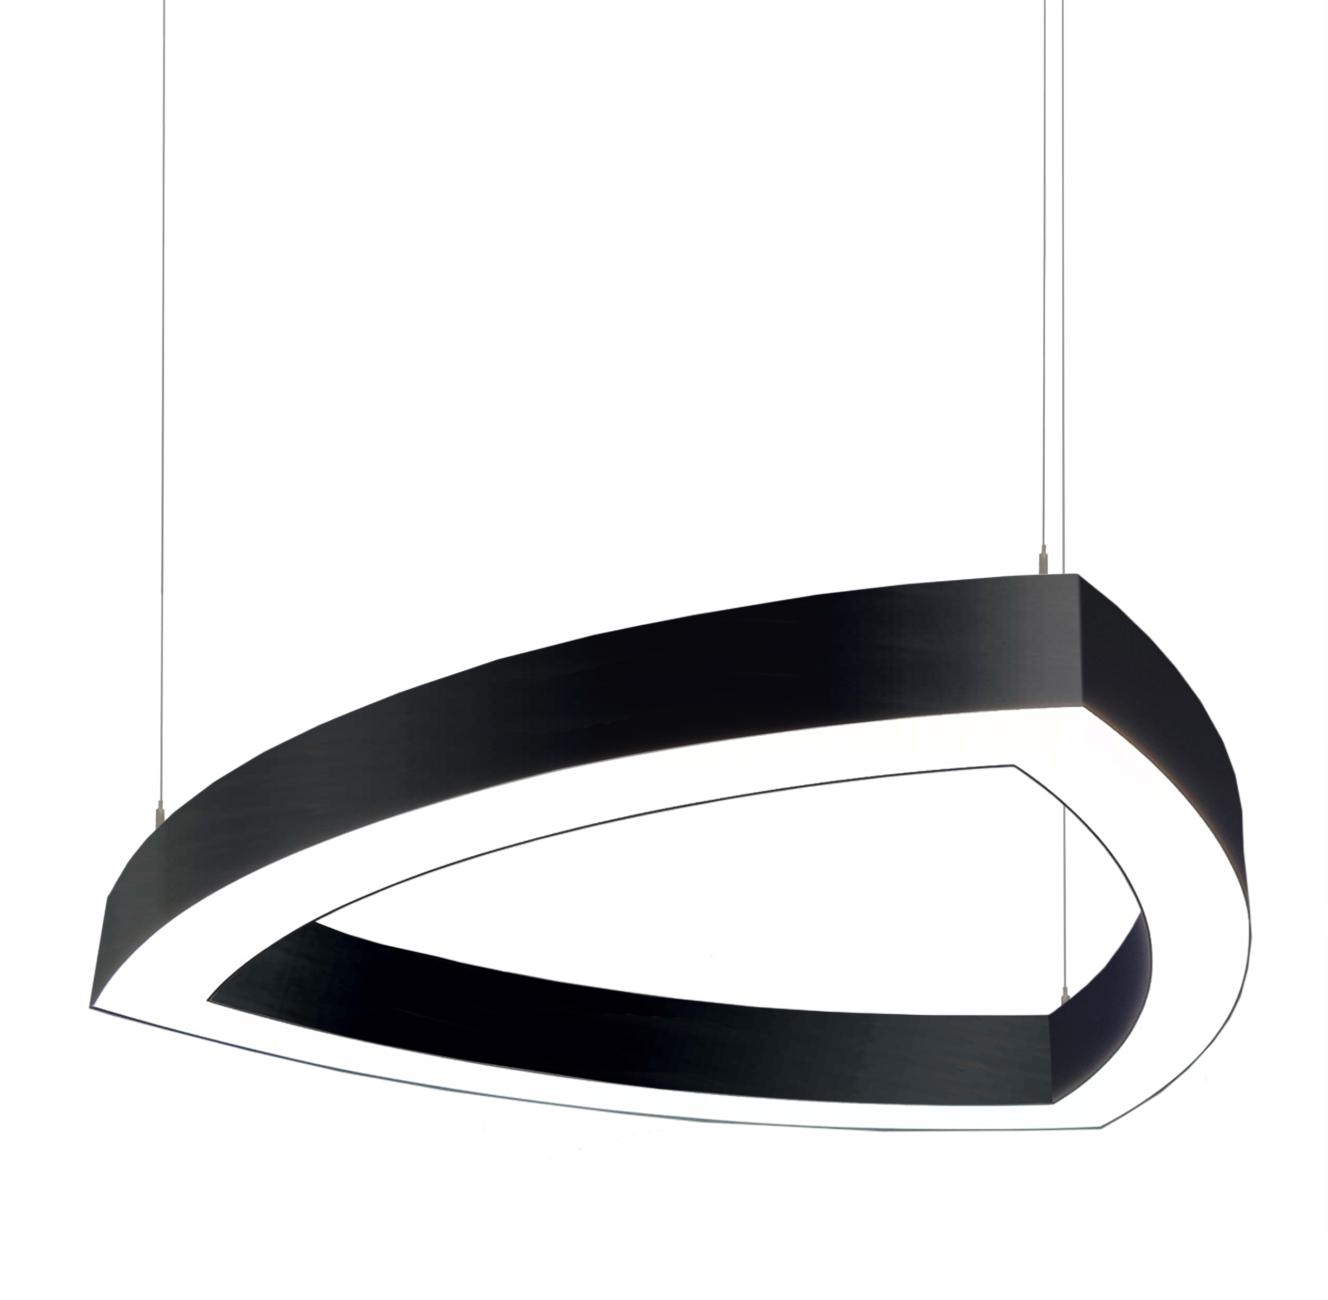 Светильник Triangle-H 5060-1350мм. 4000К/3000К. 65/136W купить во Владивостоке